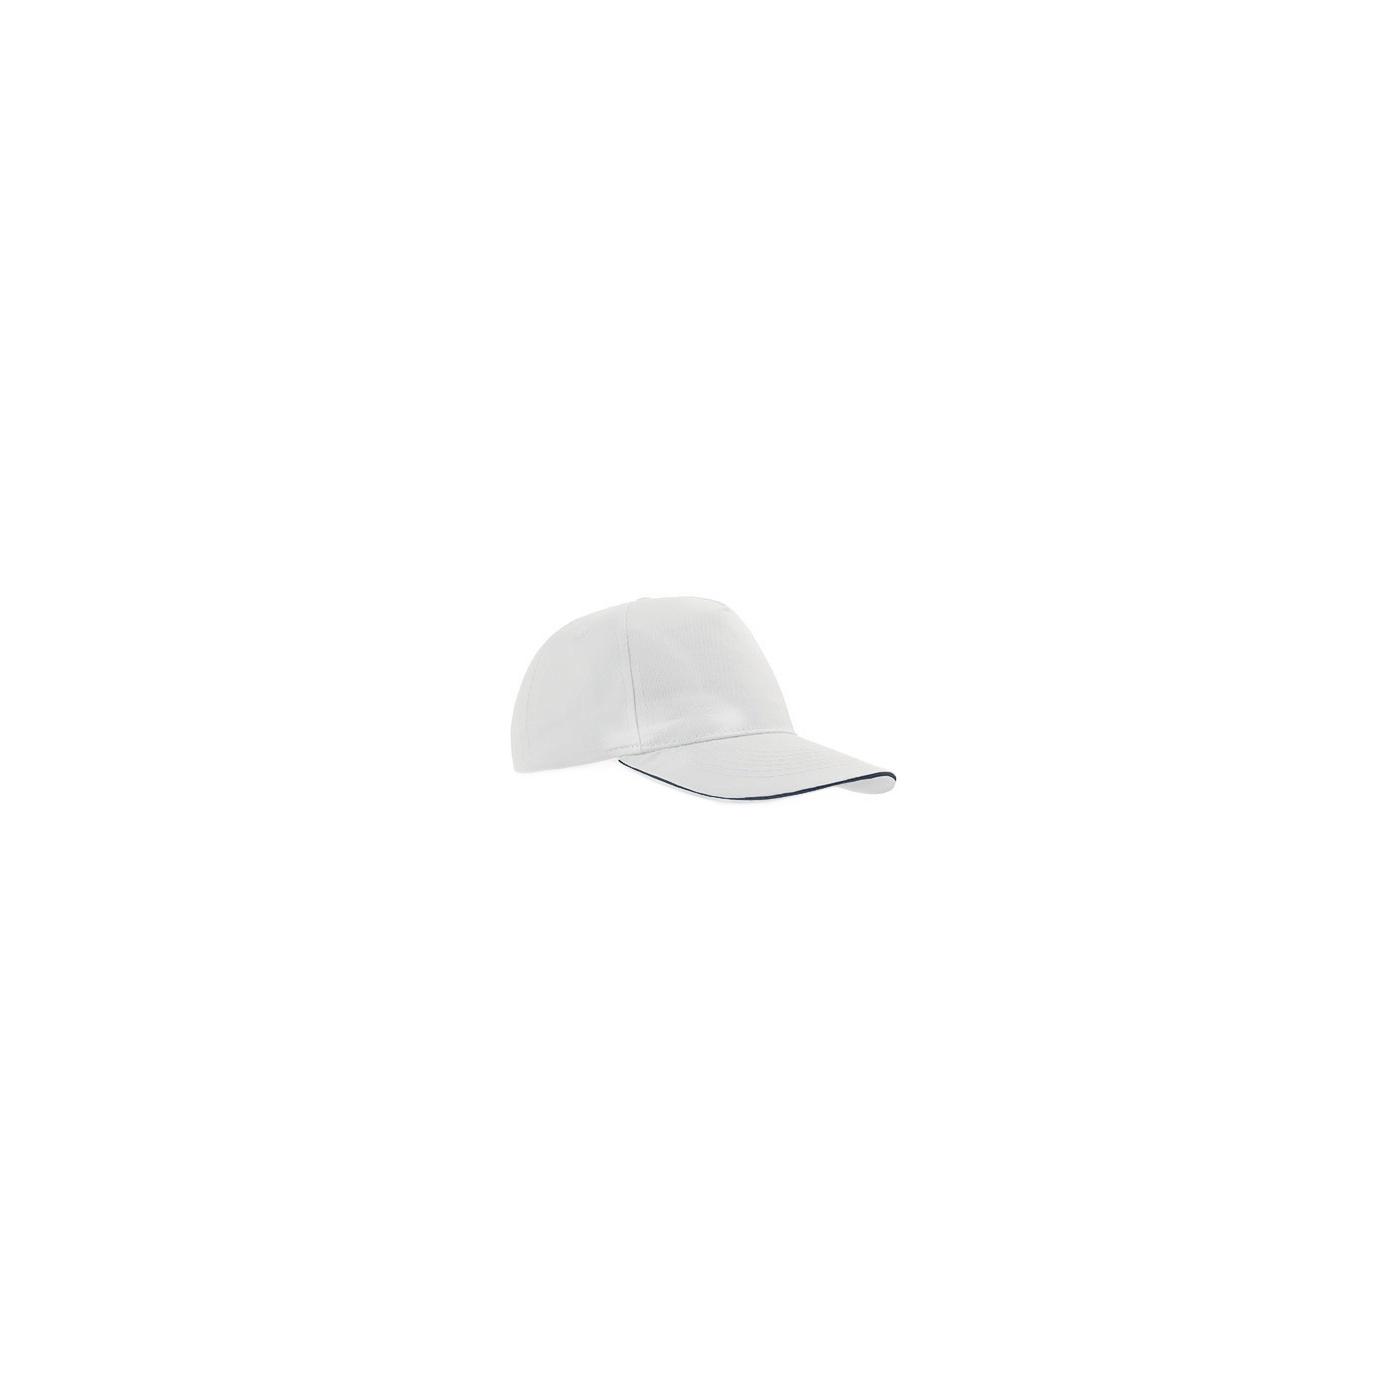 Czapka z daszkiem baseball – biała z granatowym akcentem w daszku